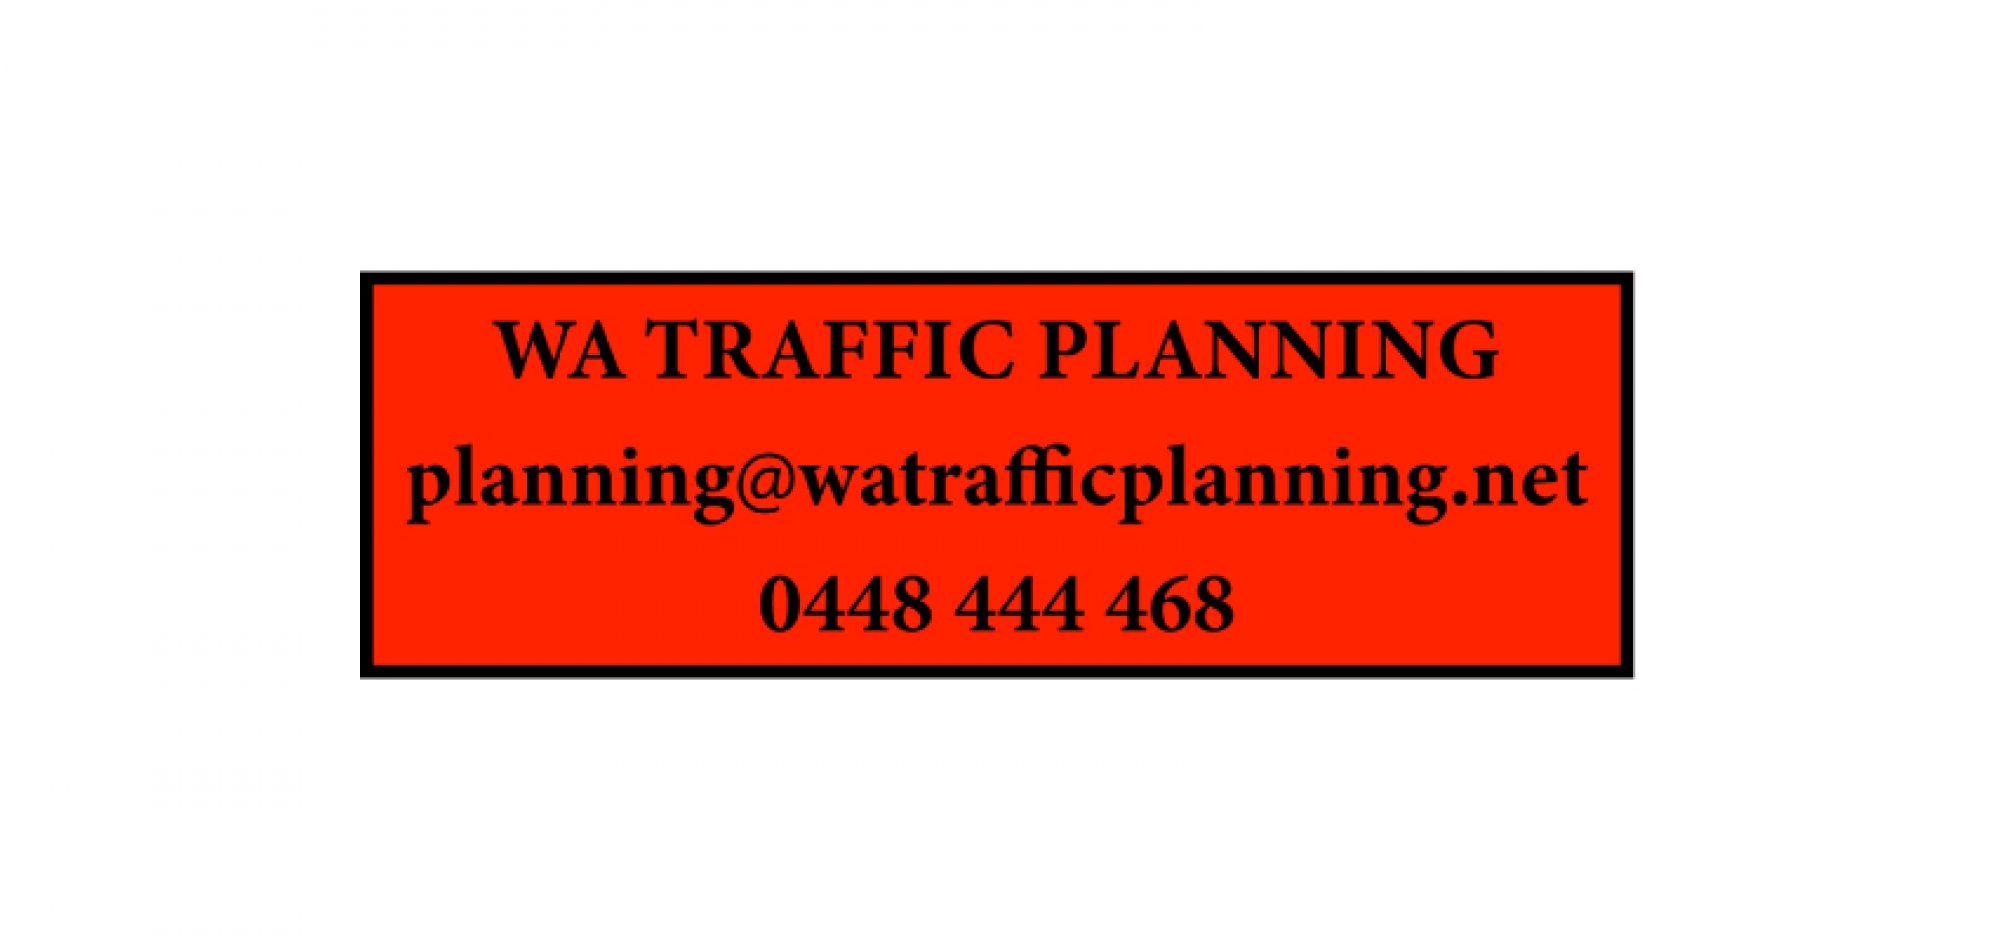 WA-Traffic